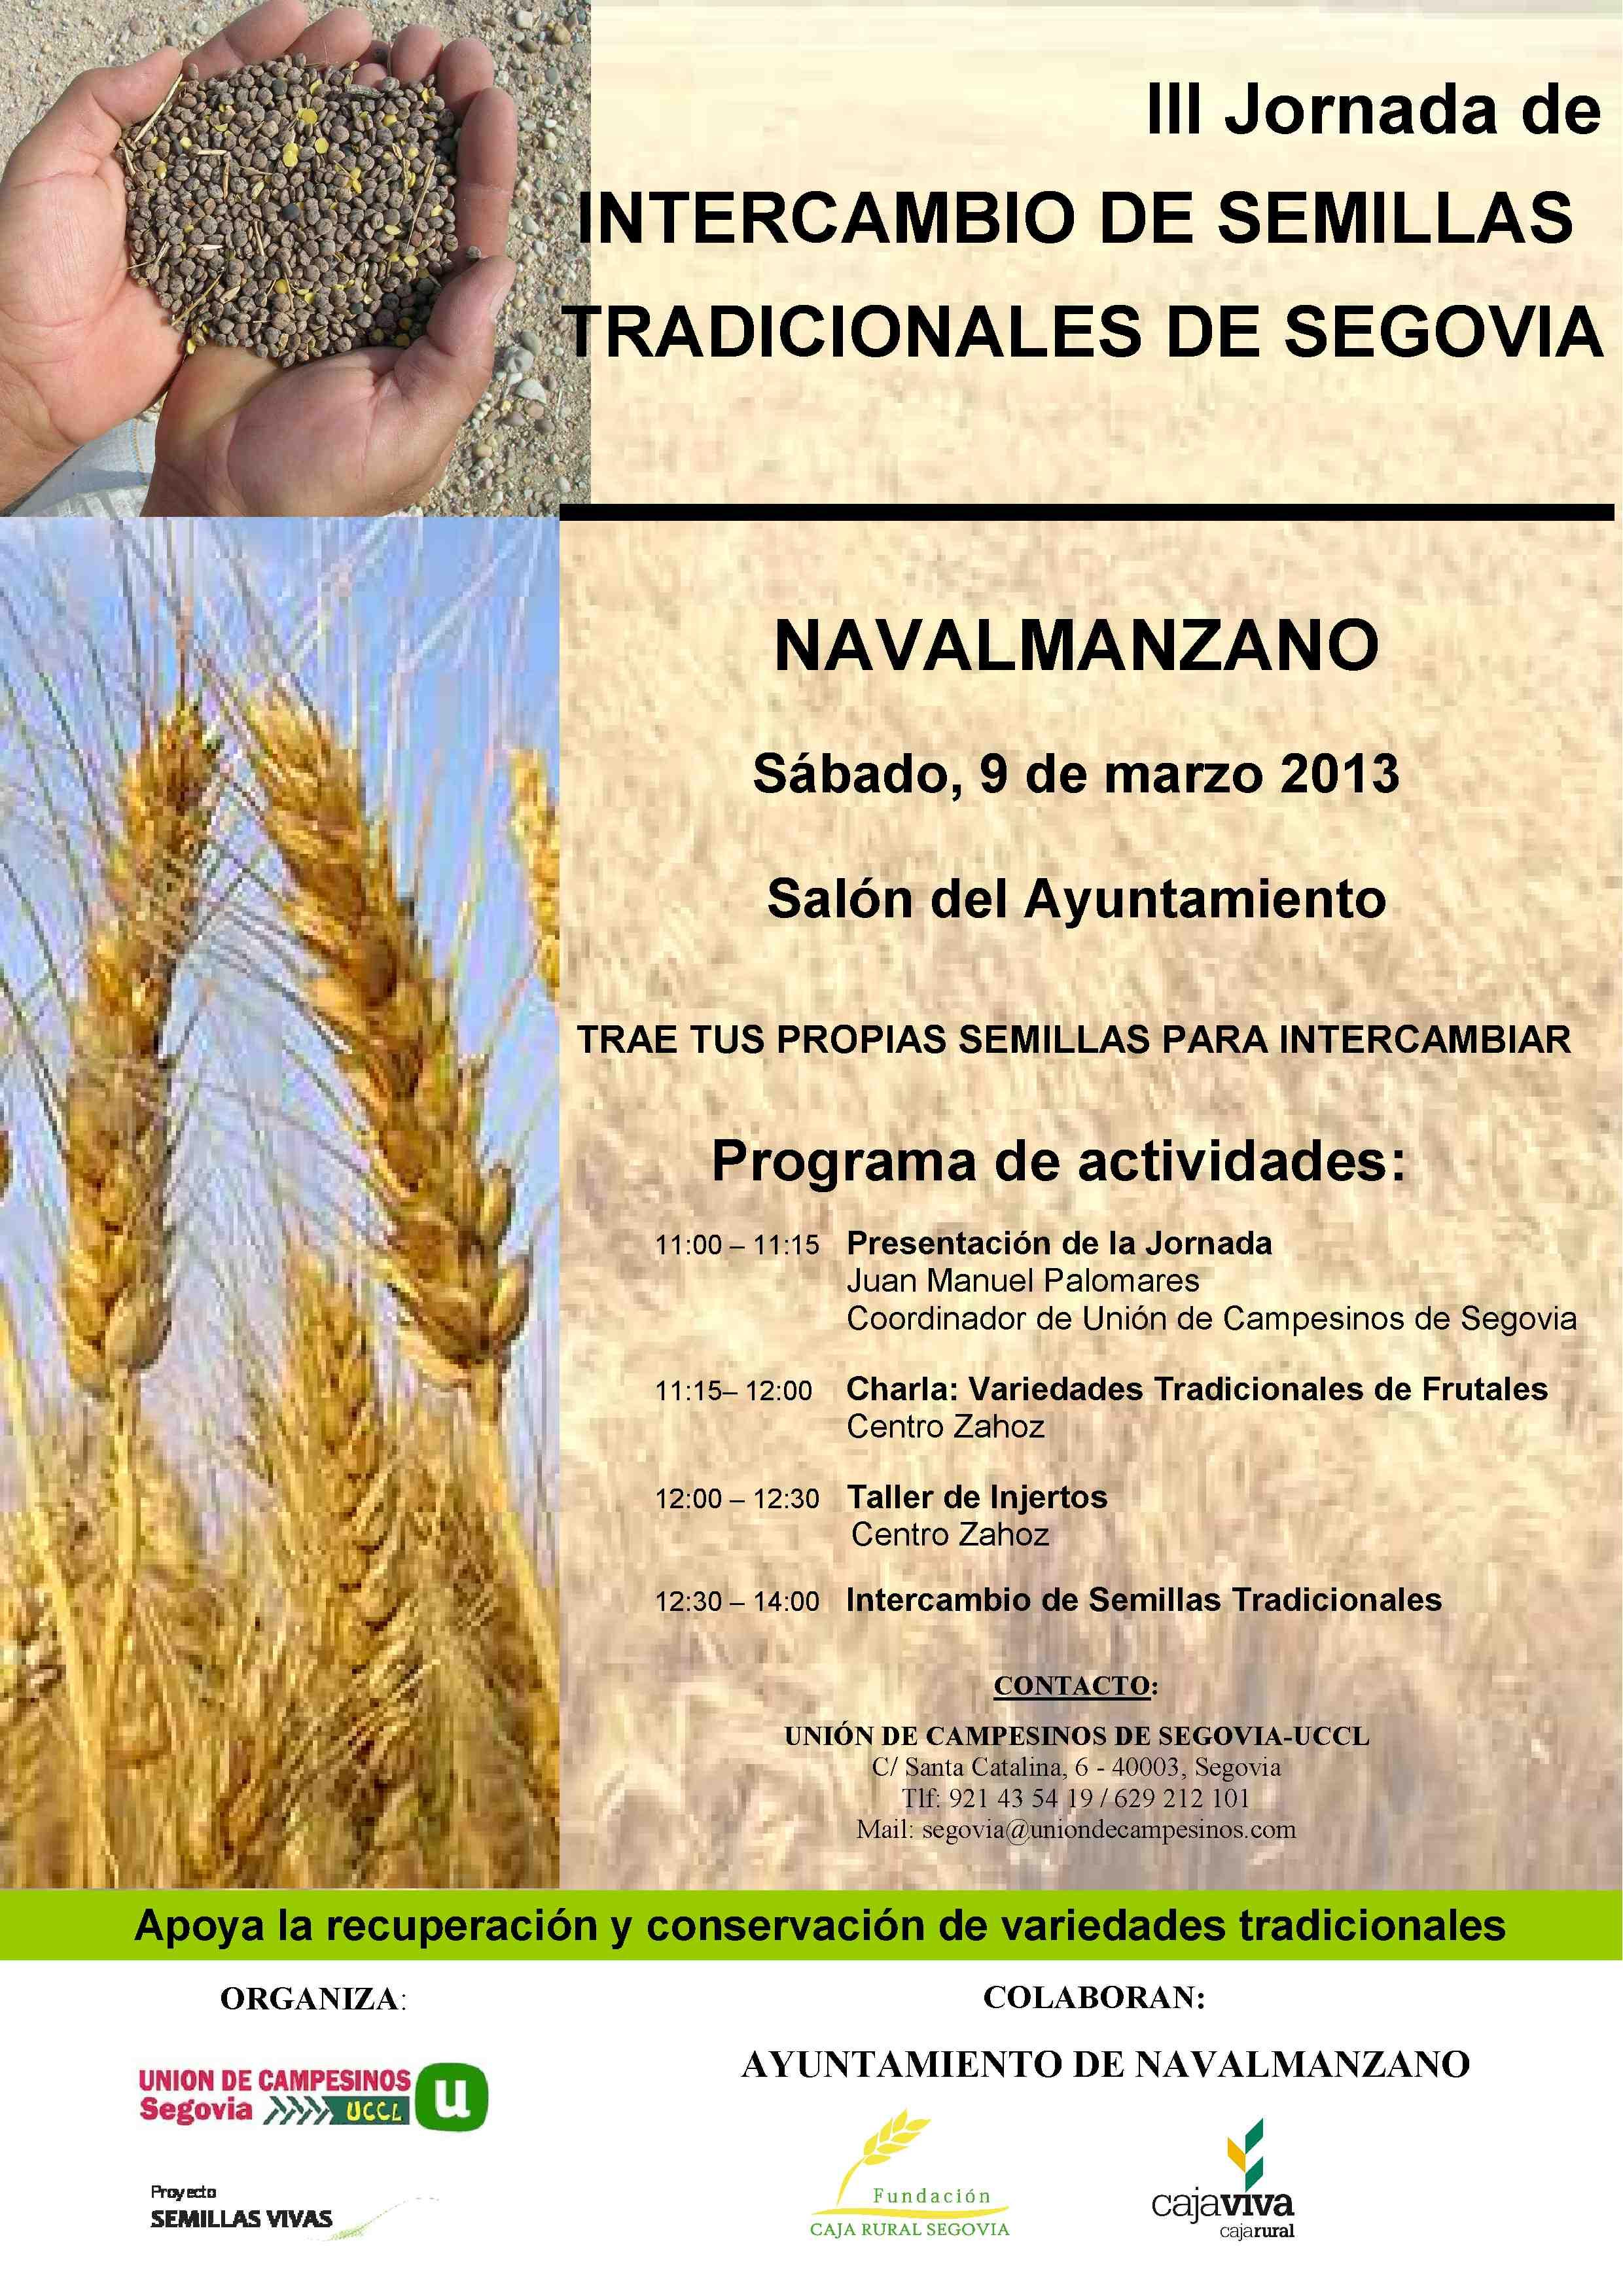 cartel-intercambio-semillas-navalmanzano2.jpg